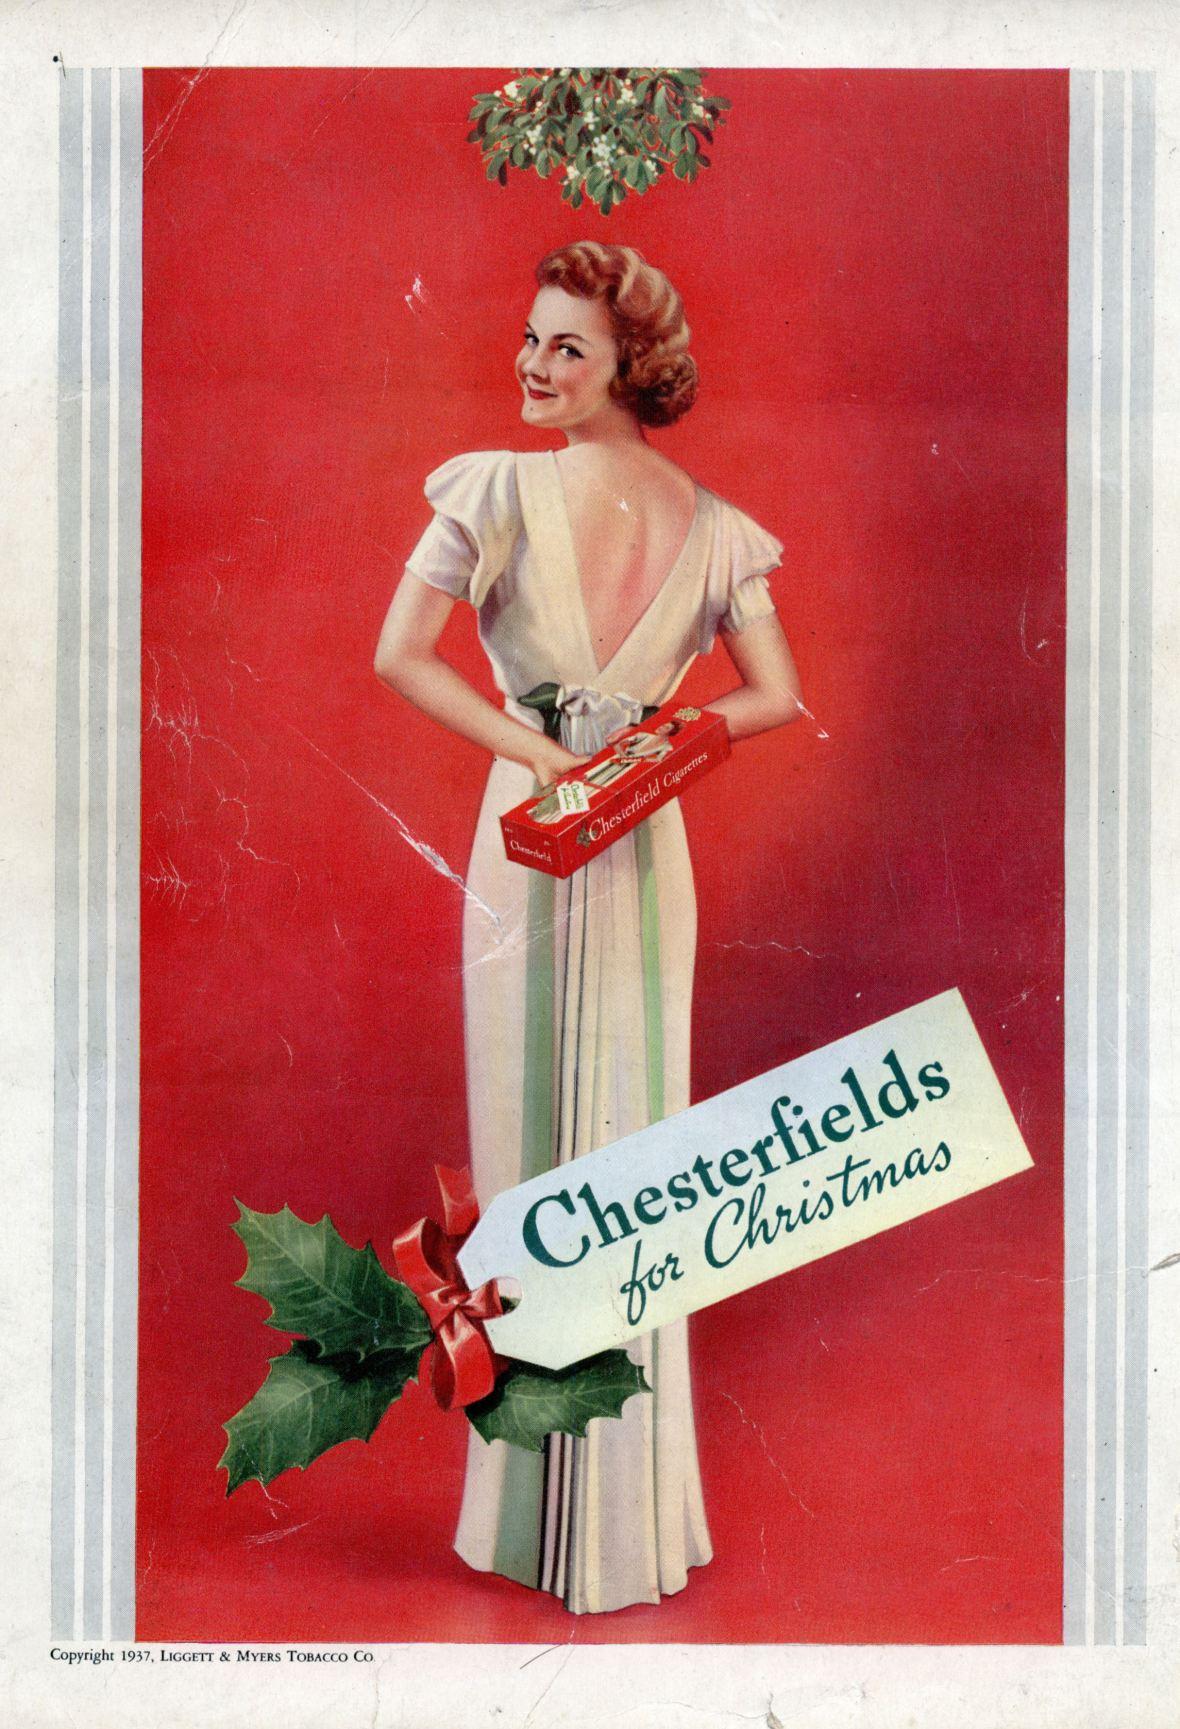 Chesterfield Cigarettes - 1937